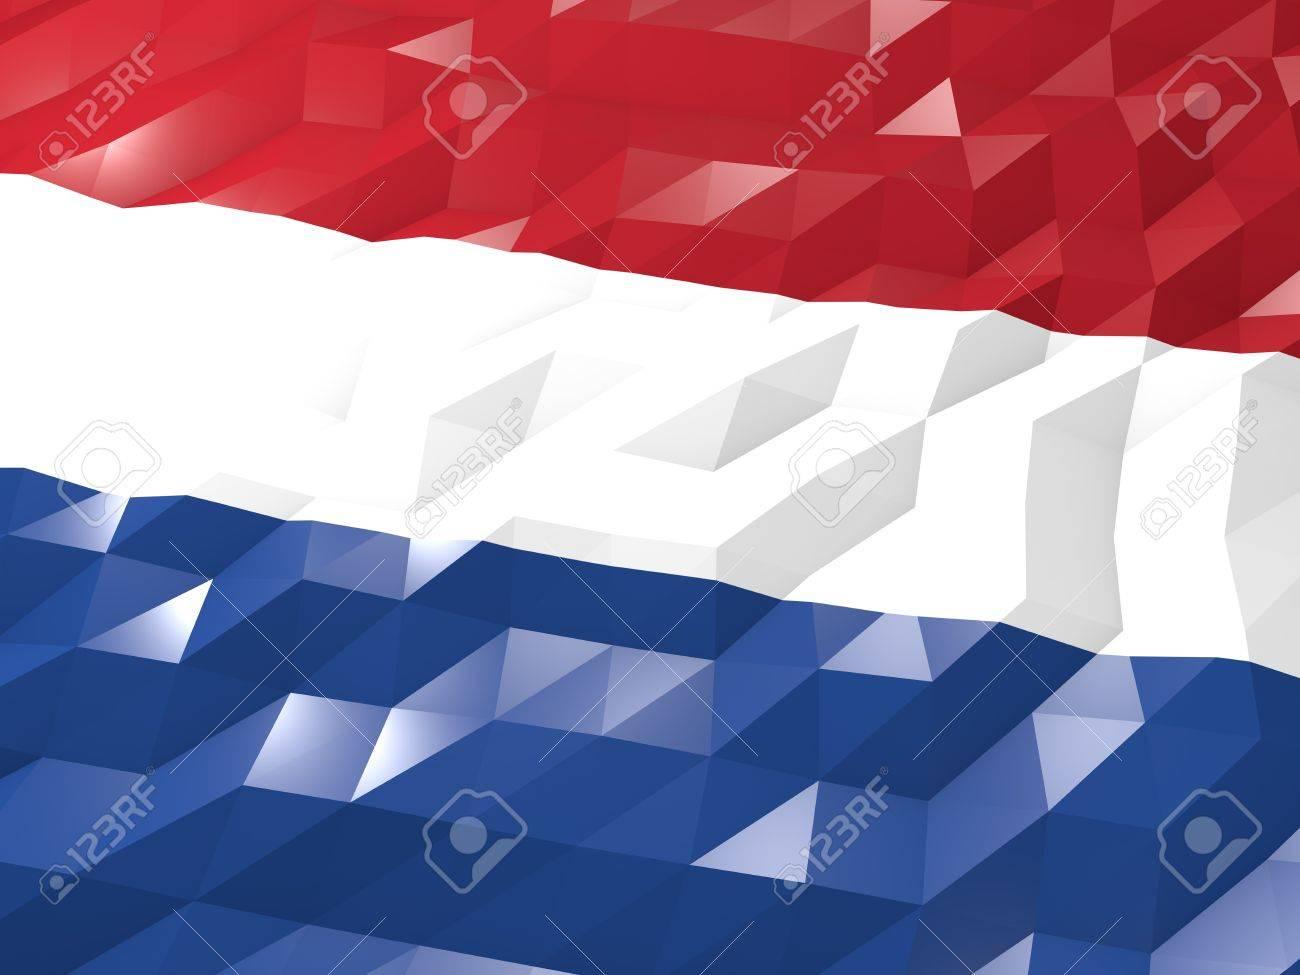 Flag Of Netherlands 3d Wallpaper Illustration National Symbol